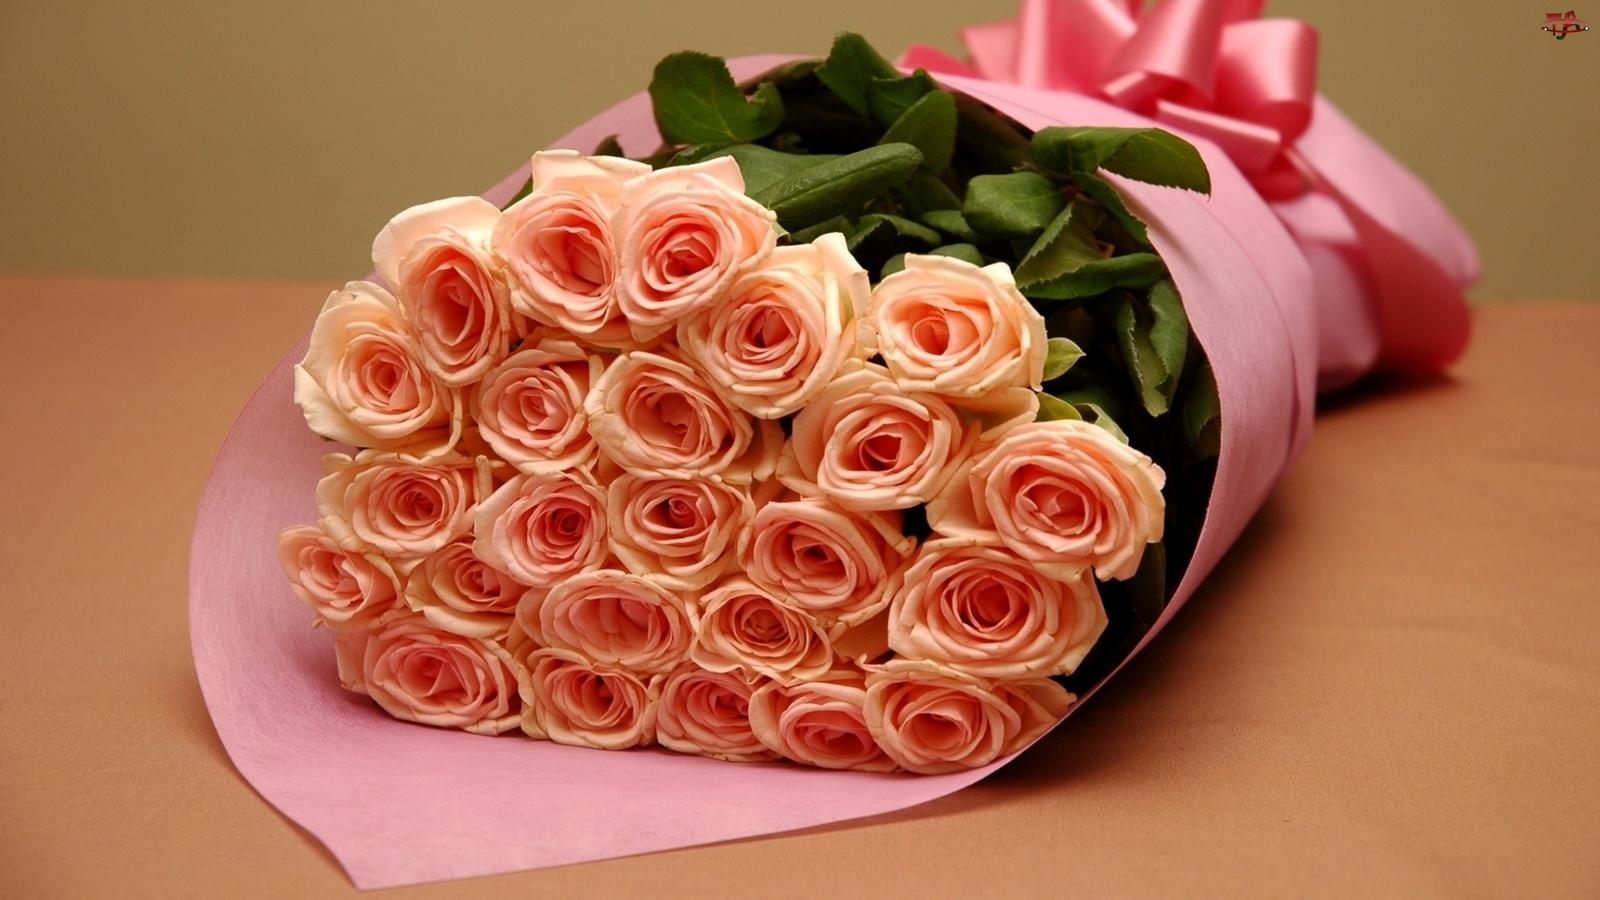 Wstążka, Ogromny, Różowych, Bukiet, Róż